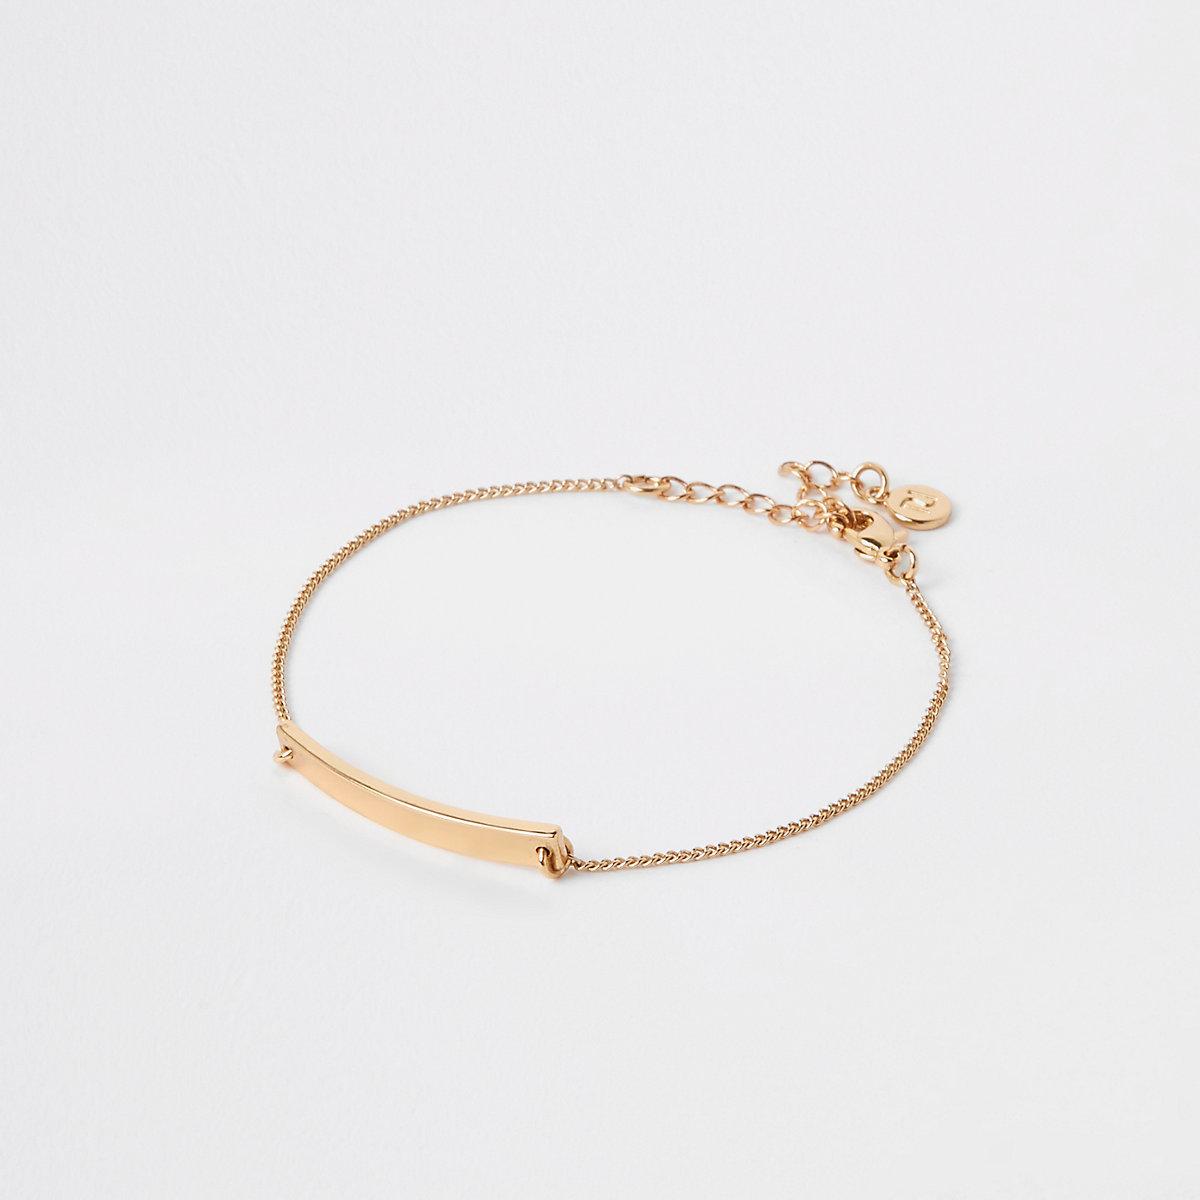 Gold plated bar bracelet